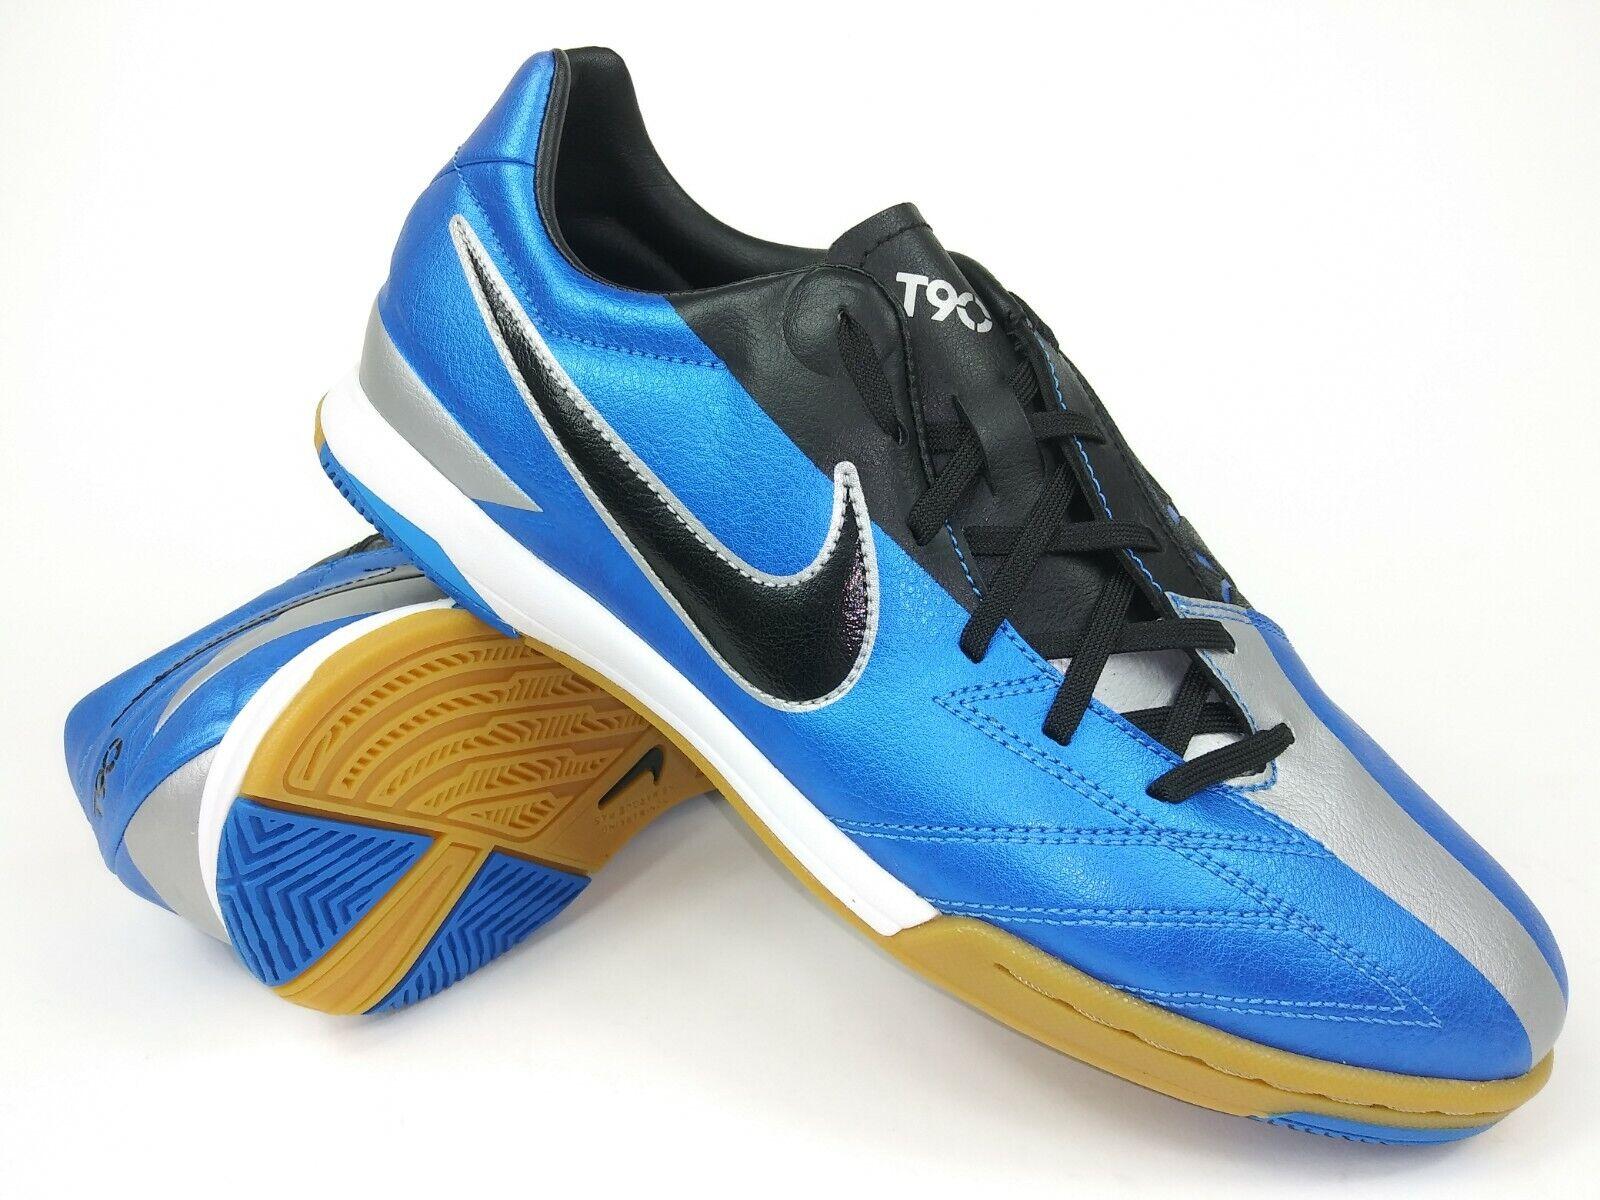 Nike Hombre Raro T90 Shoot IV IC 472558-400 Azul gris fútbol indoor zapatos talla 9.5